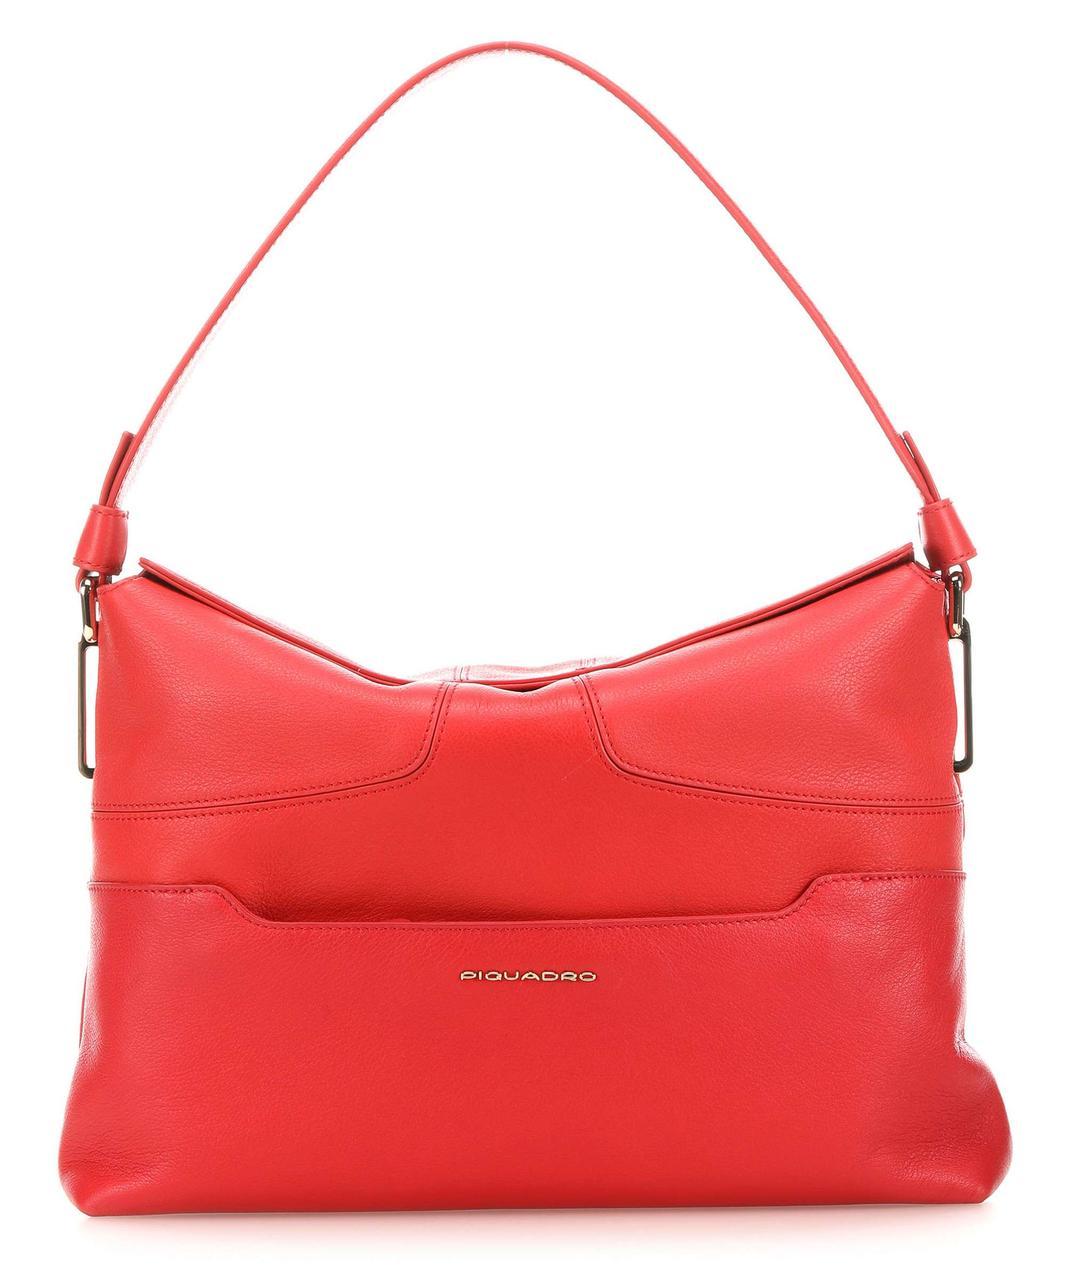 Кожаная женская сумка Piquadro Hosaka, красный